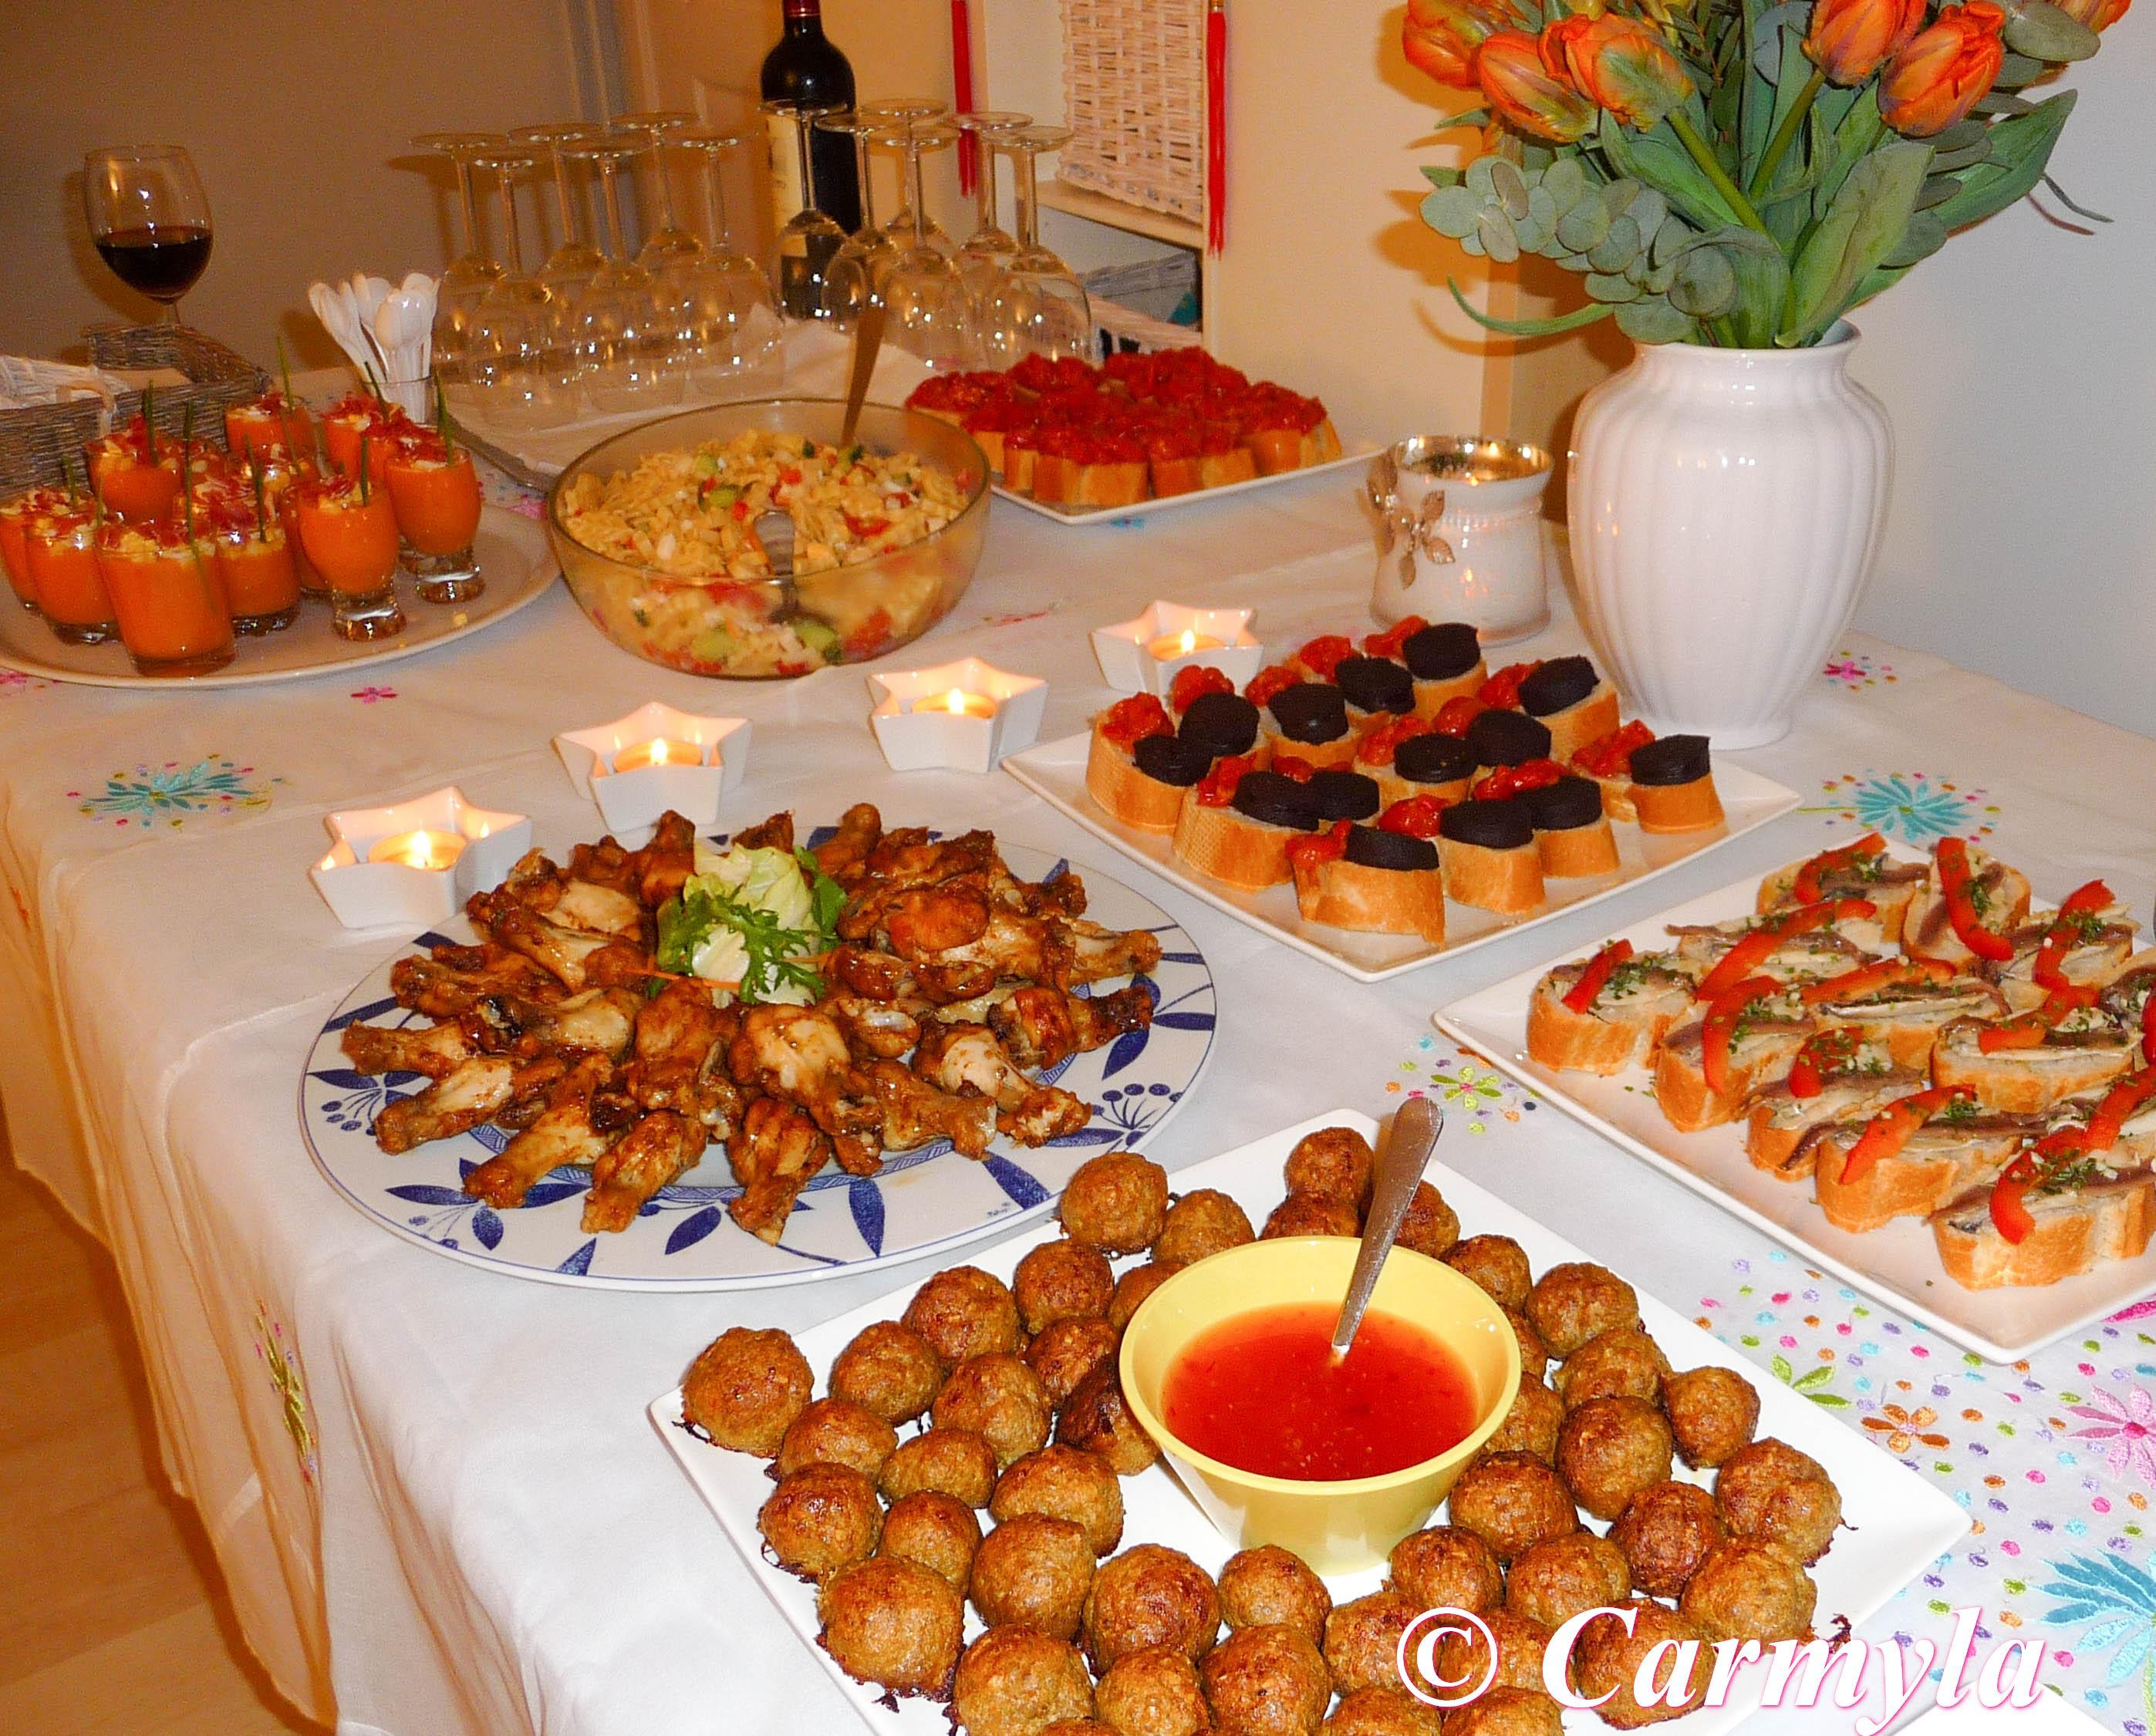 Buffet de tapas para cumplea os para 15 personas carmyla for Como secar frutas para decoracion